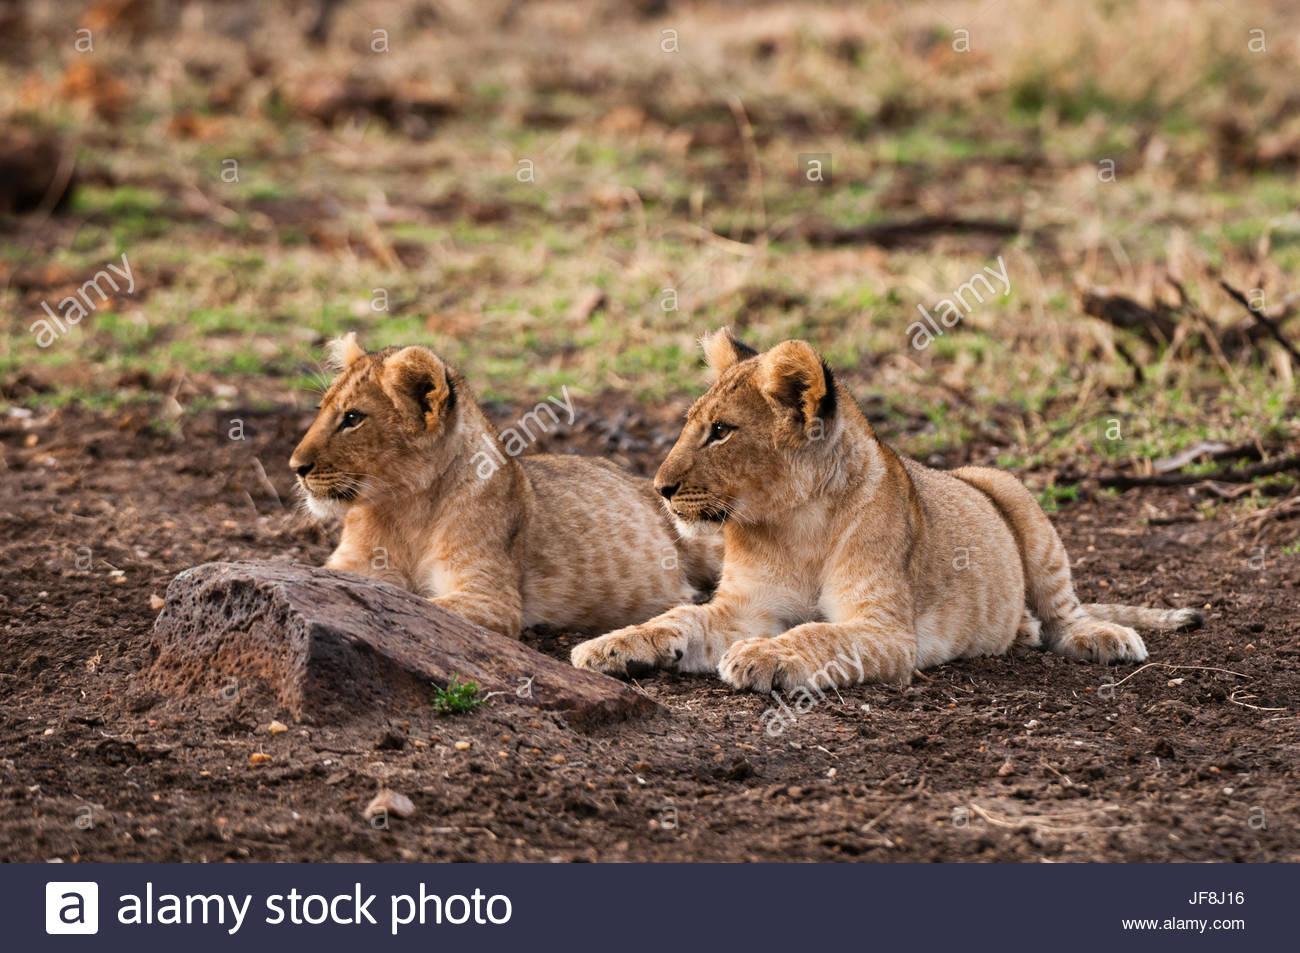 Deux des lionceaux, Panthera leo, reposant côte à côte. Photo Stock